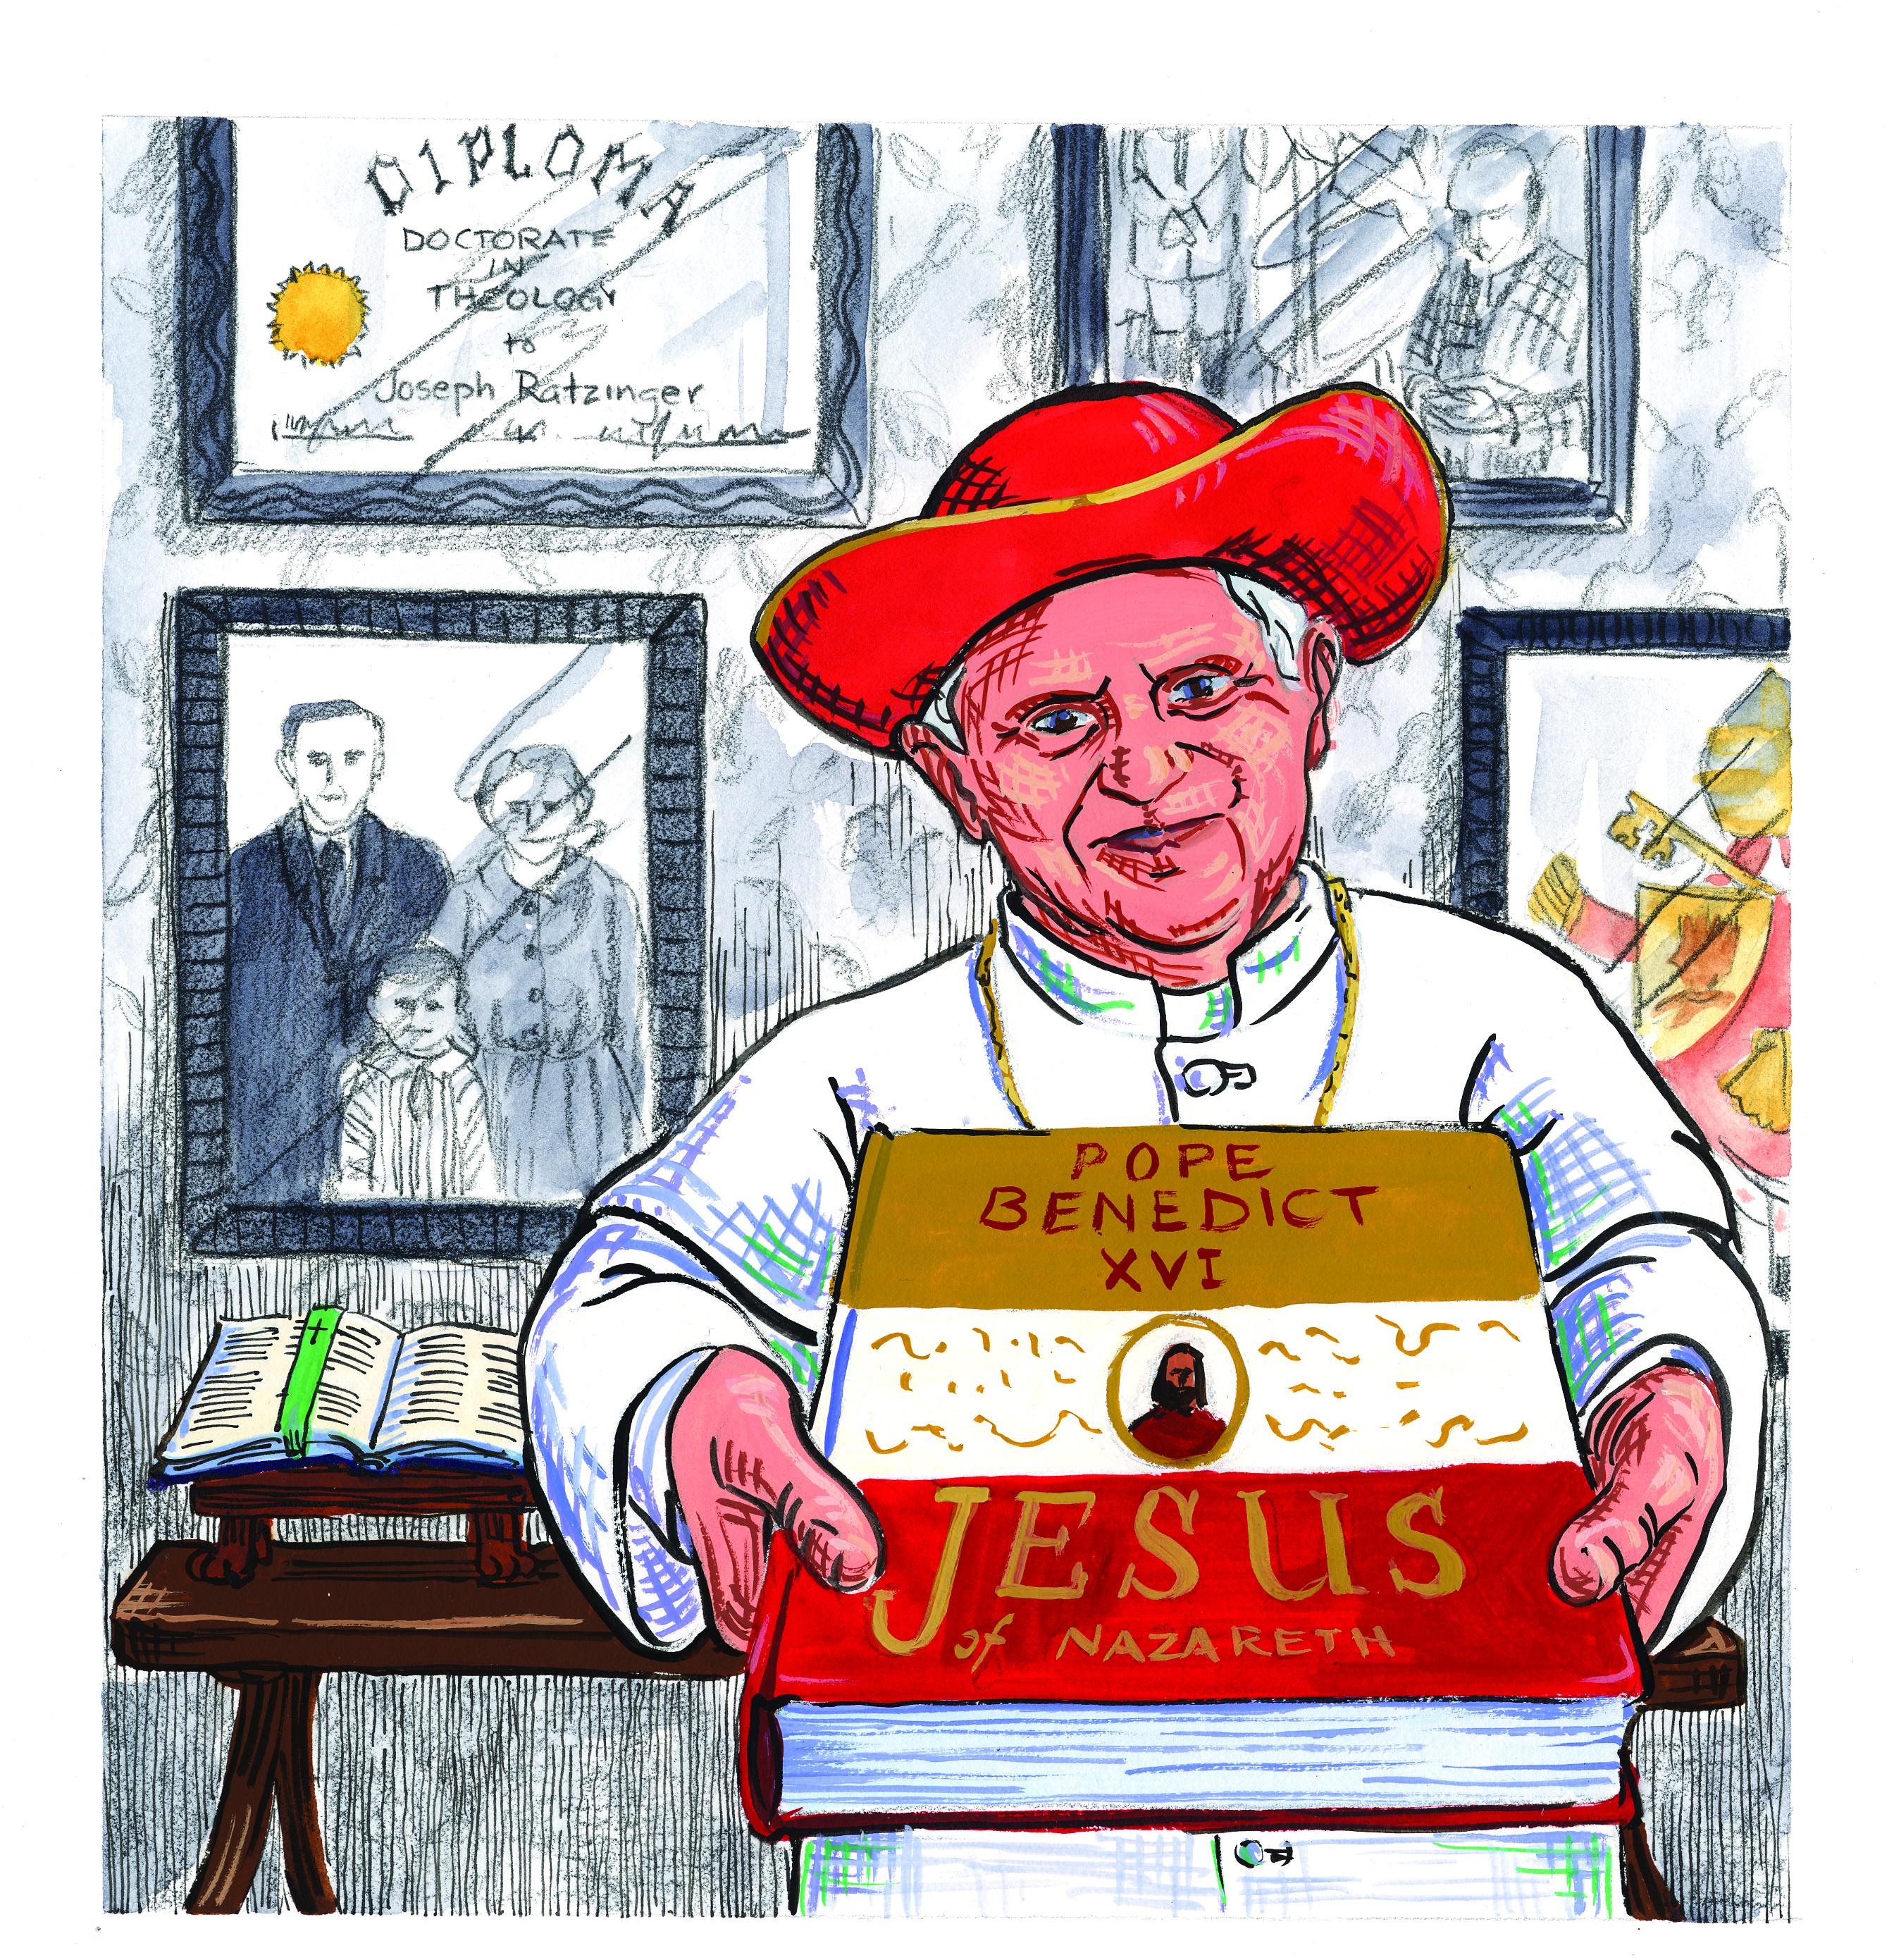 Pope Emeritus Benedict XVI.